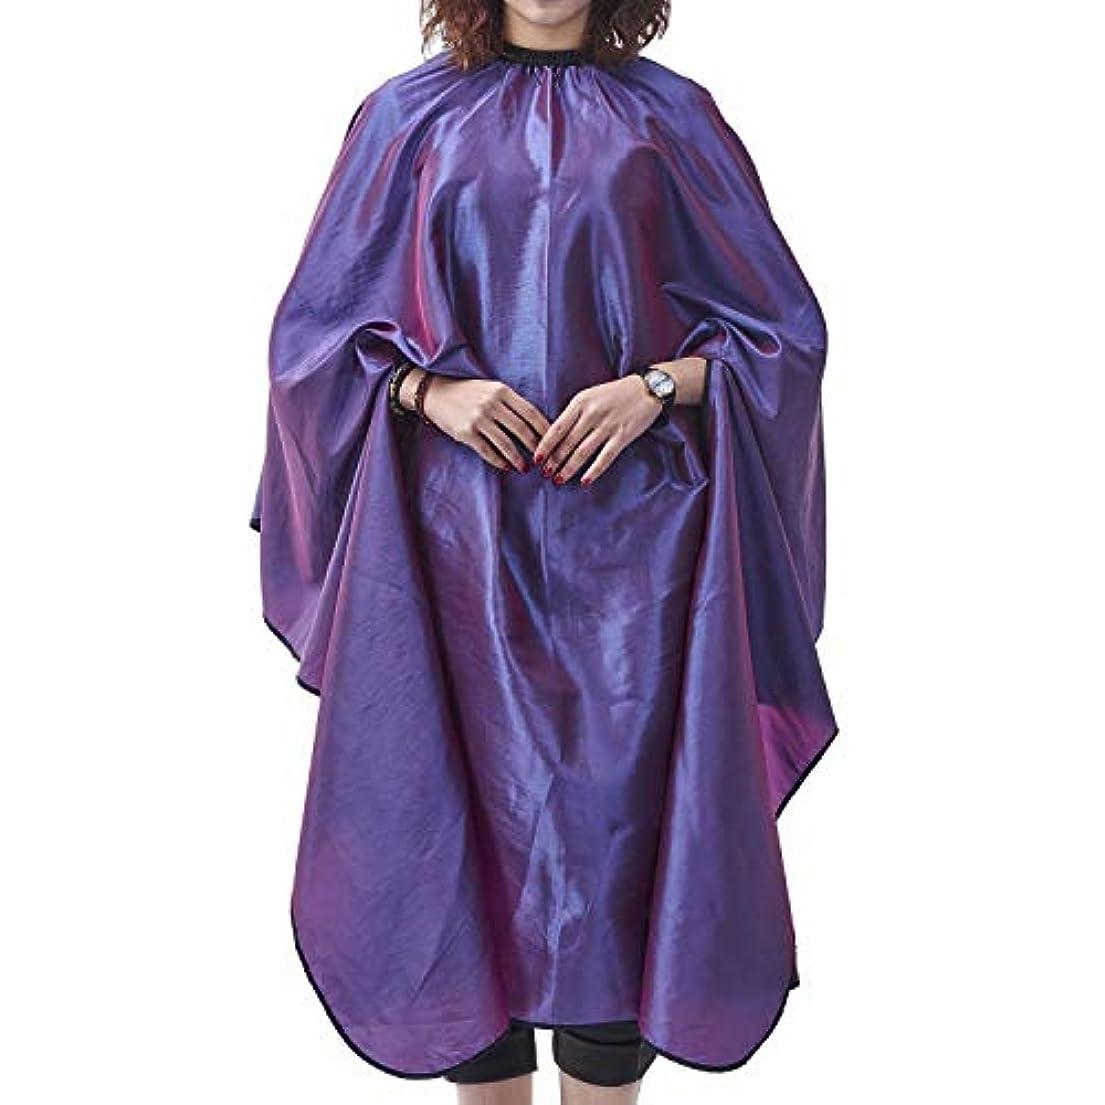 挨拶バルセロナきらめきHIZLJJ サロンケープエプロンバーバーシャ??ンプーオイルスタイリングヘアカット美容師職業理髪店用品よだれかけ (Color : Purple)